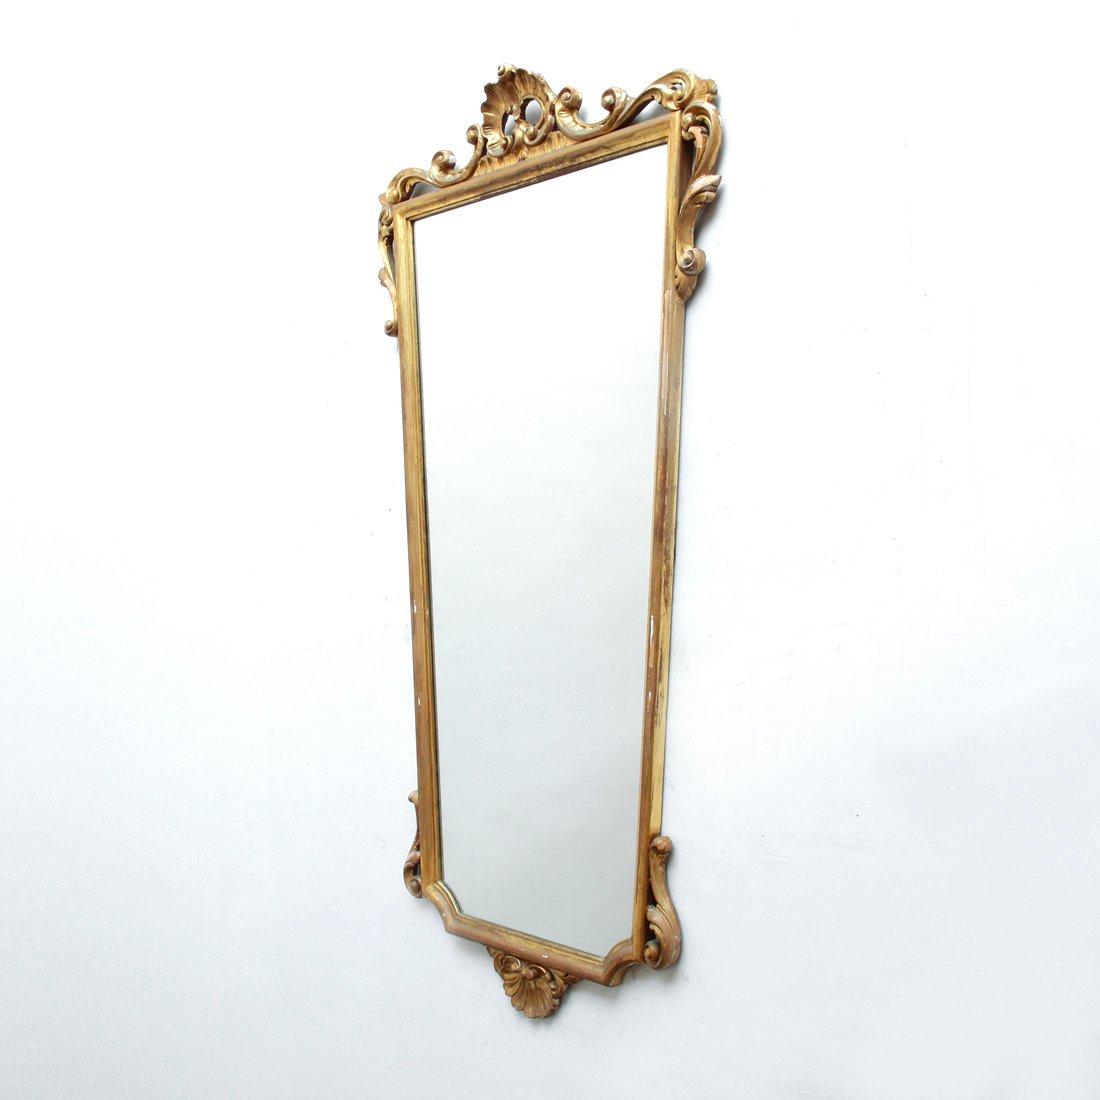 gro er italienischer spiegel mit vergoldetem rahmen 1940er bei pamono kaufen. Black Bedroom Furniture Sets. Home Design Ideas